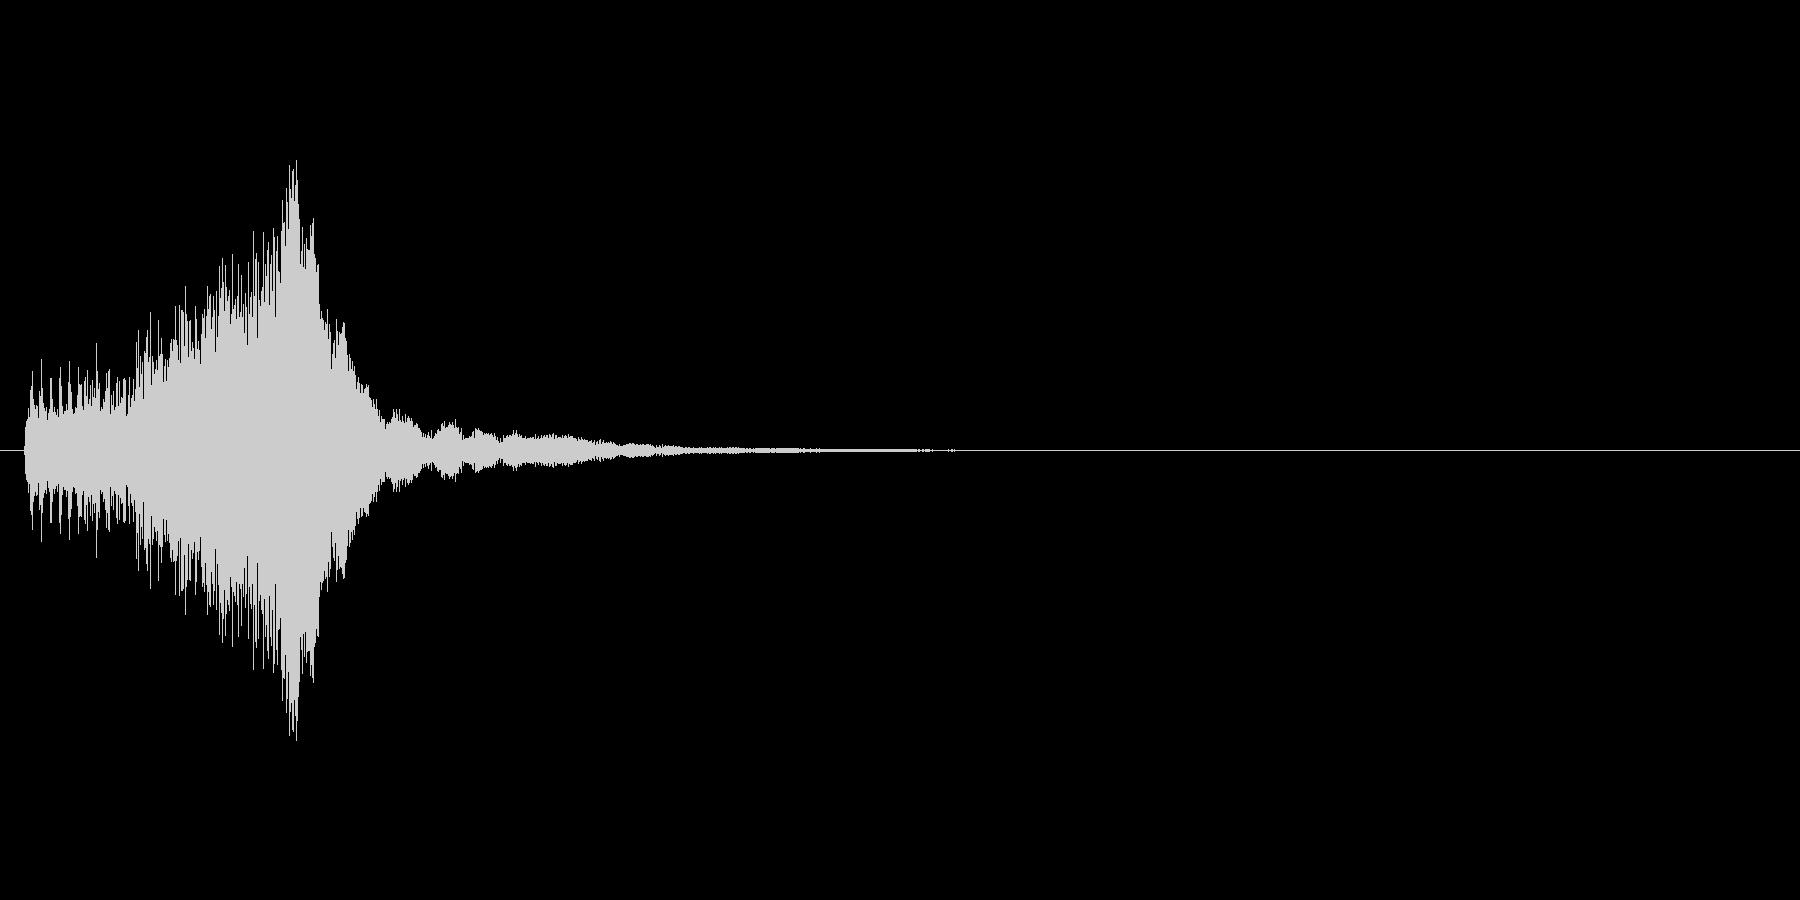 パズルゲームの連鎖における3段階目の音の未再生の波形